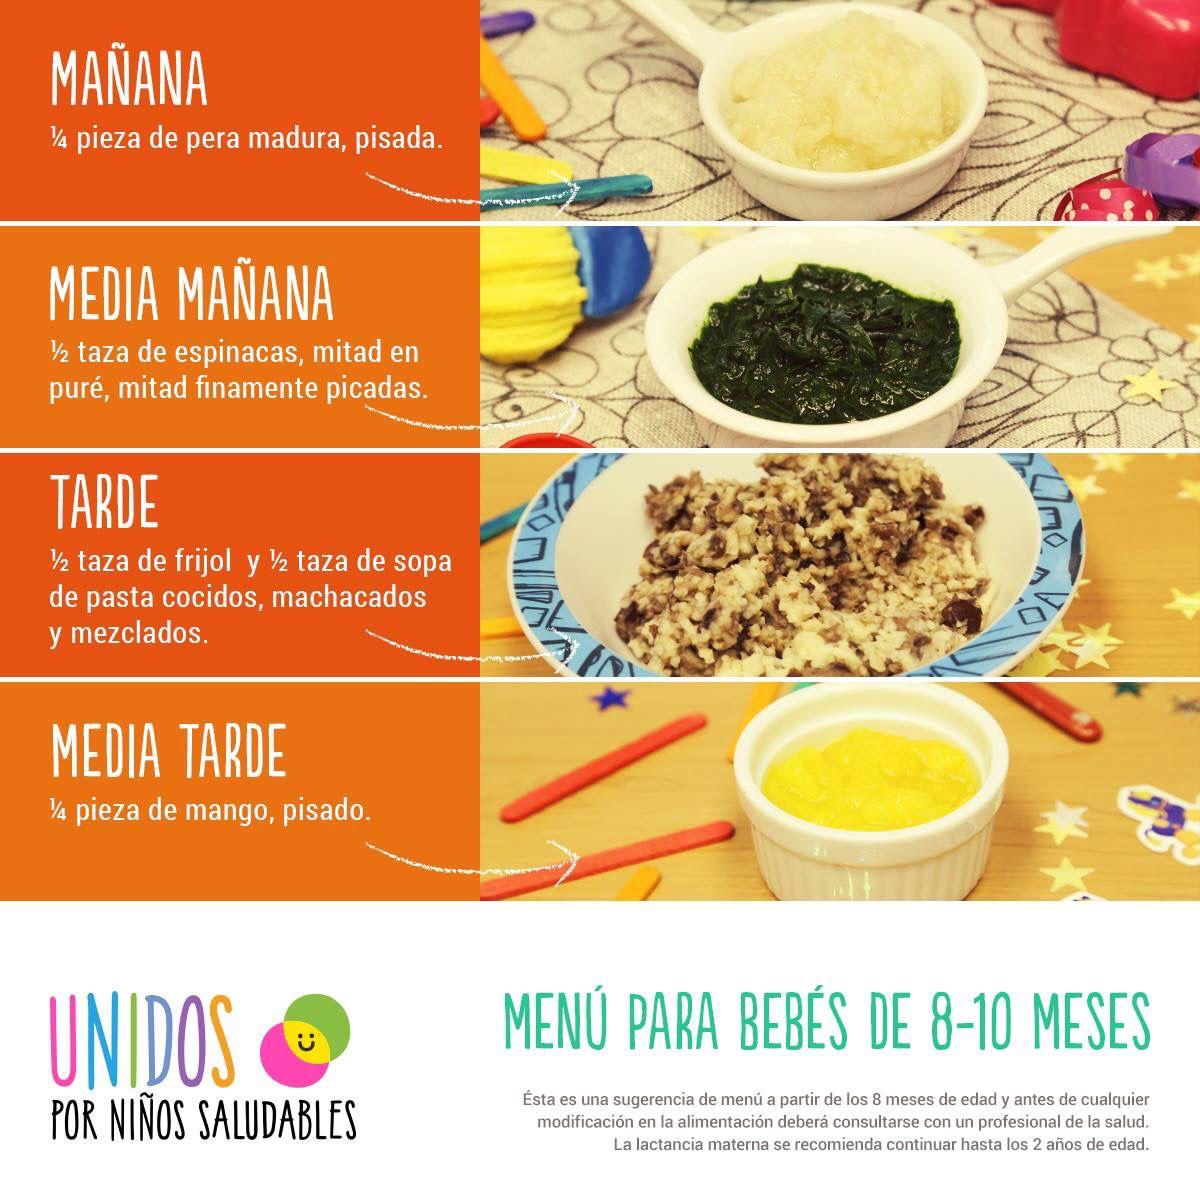 Plan Refrigerio Saludable Recetas De Comida Para Bebes